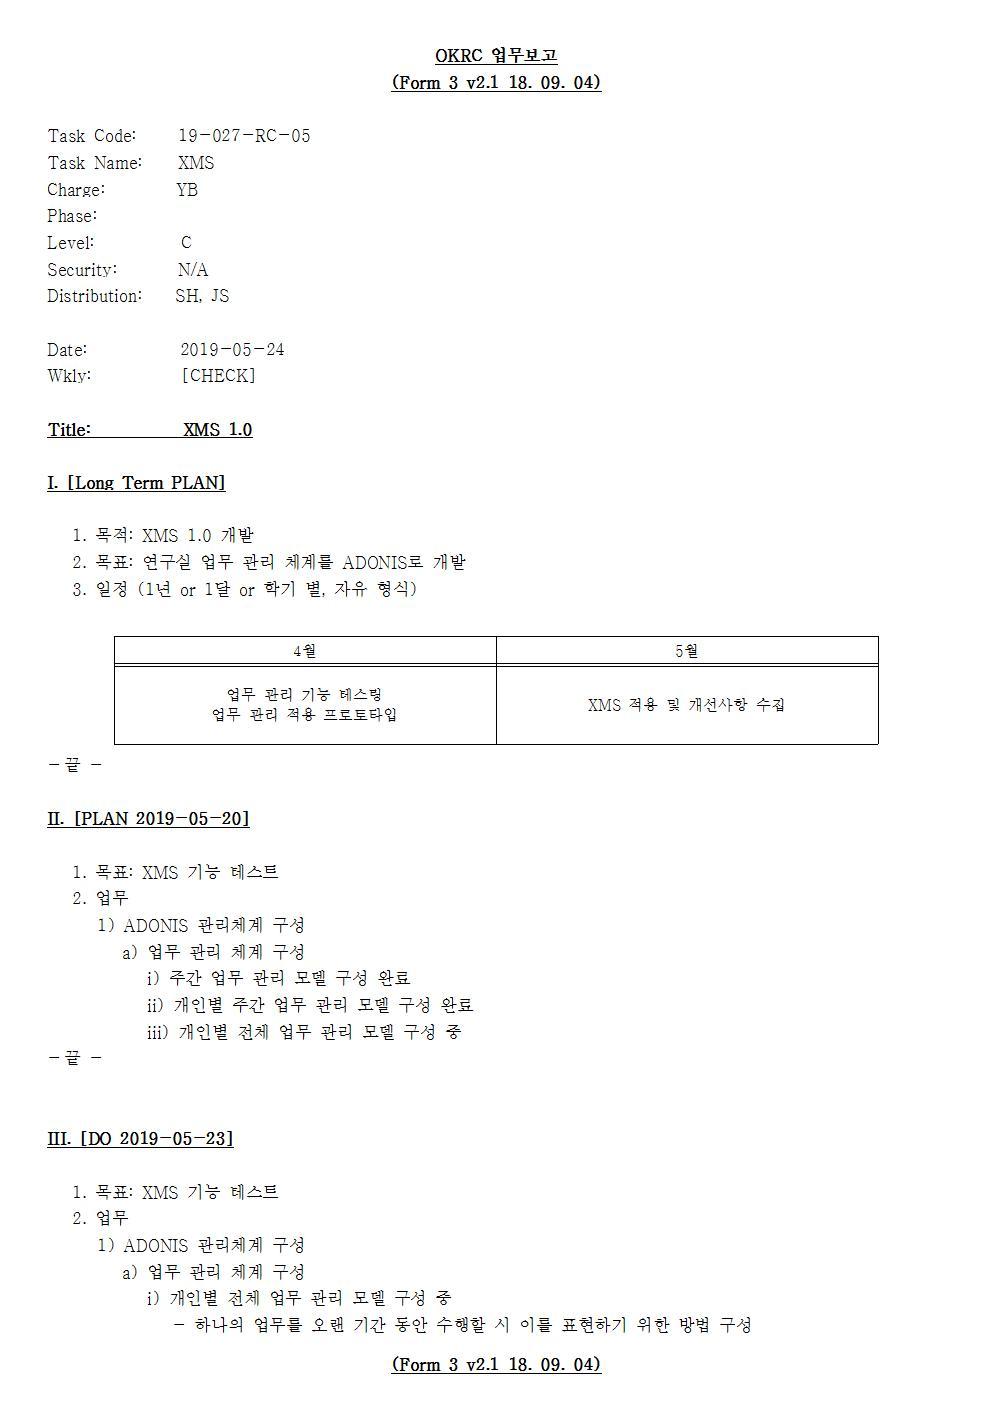 D-[19-027-RC-05]-[XMS]-[2019-05-24][YB]-[19-5-4]-[P+D+C]001.jpg